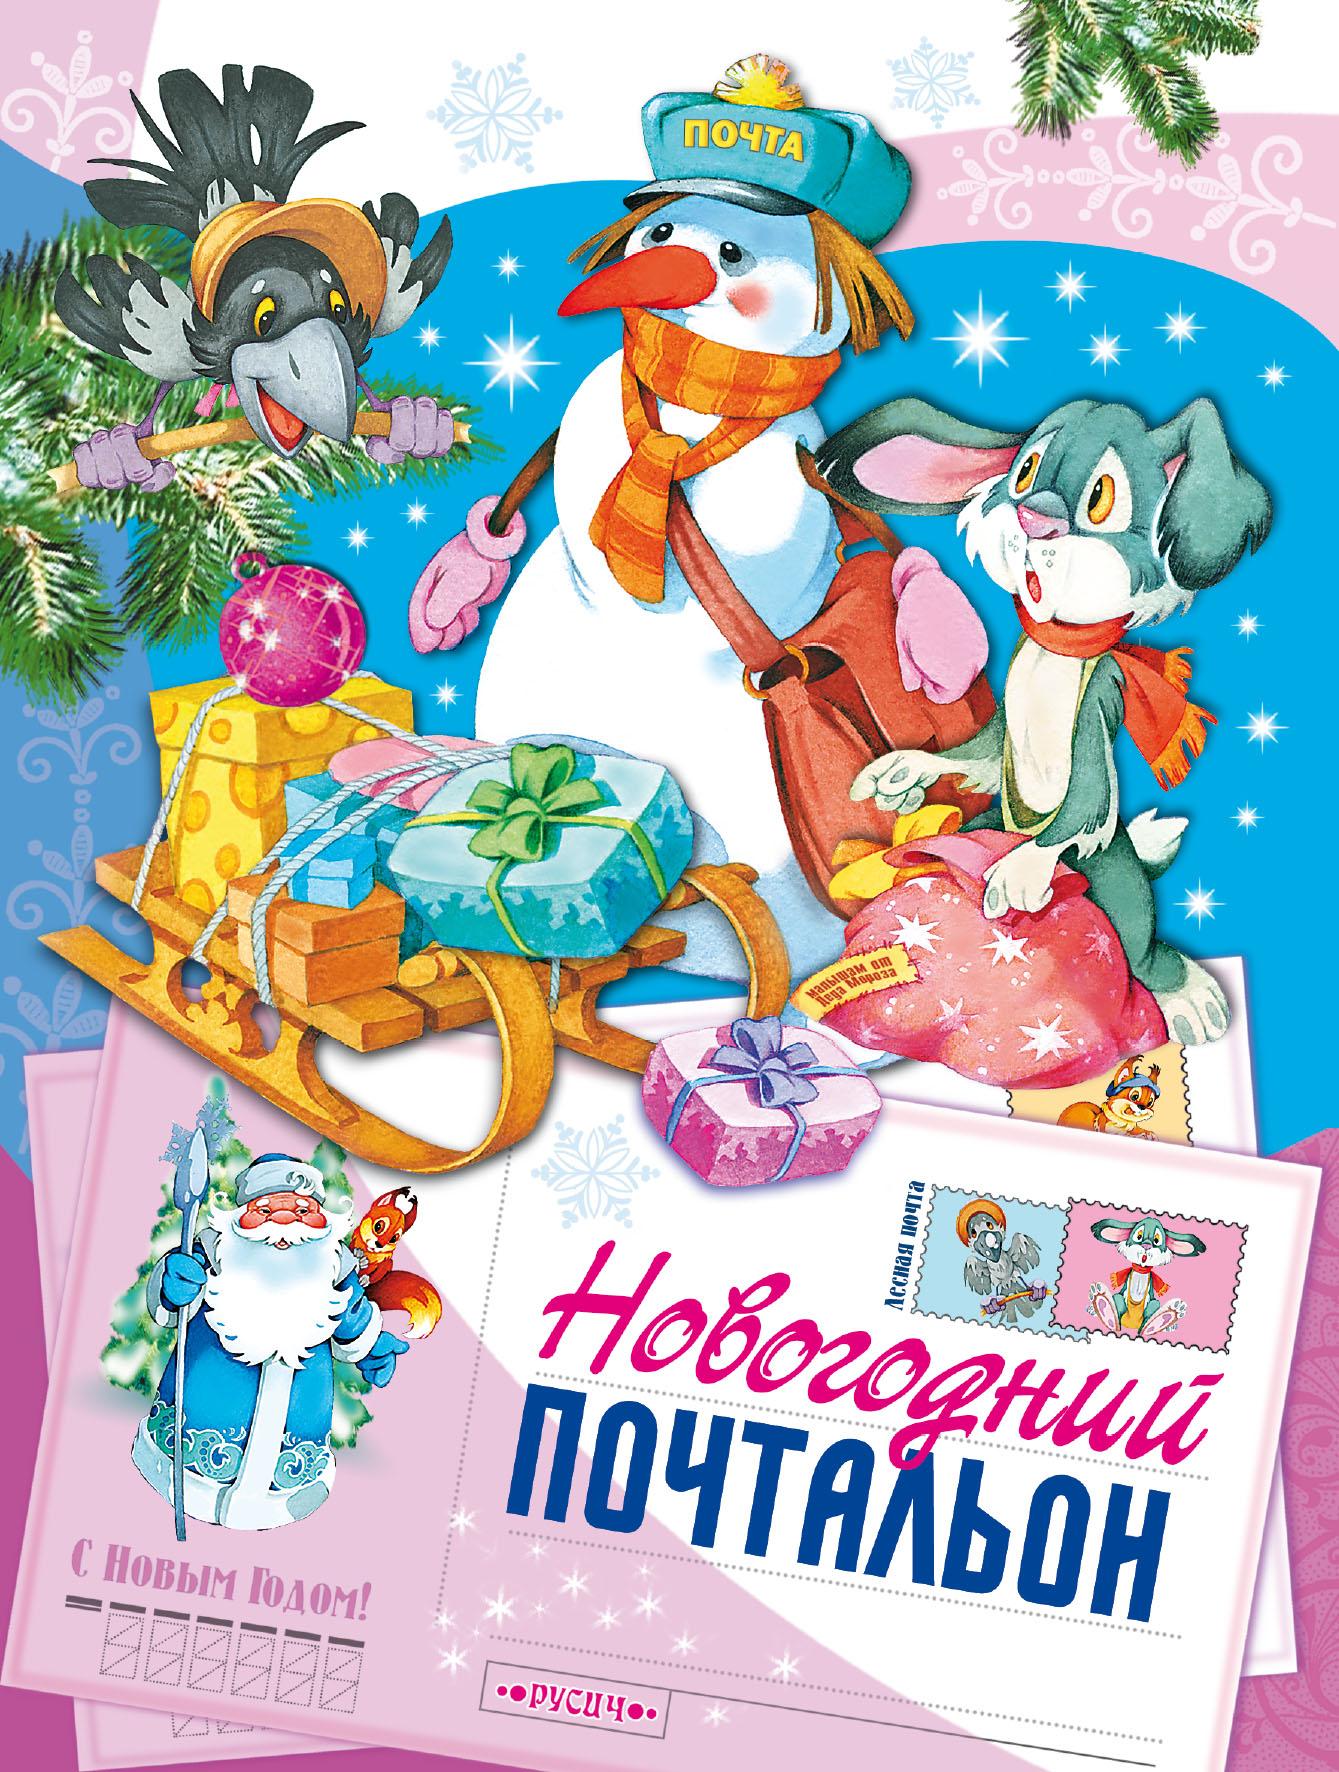 Новогодний почтальон